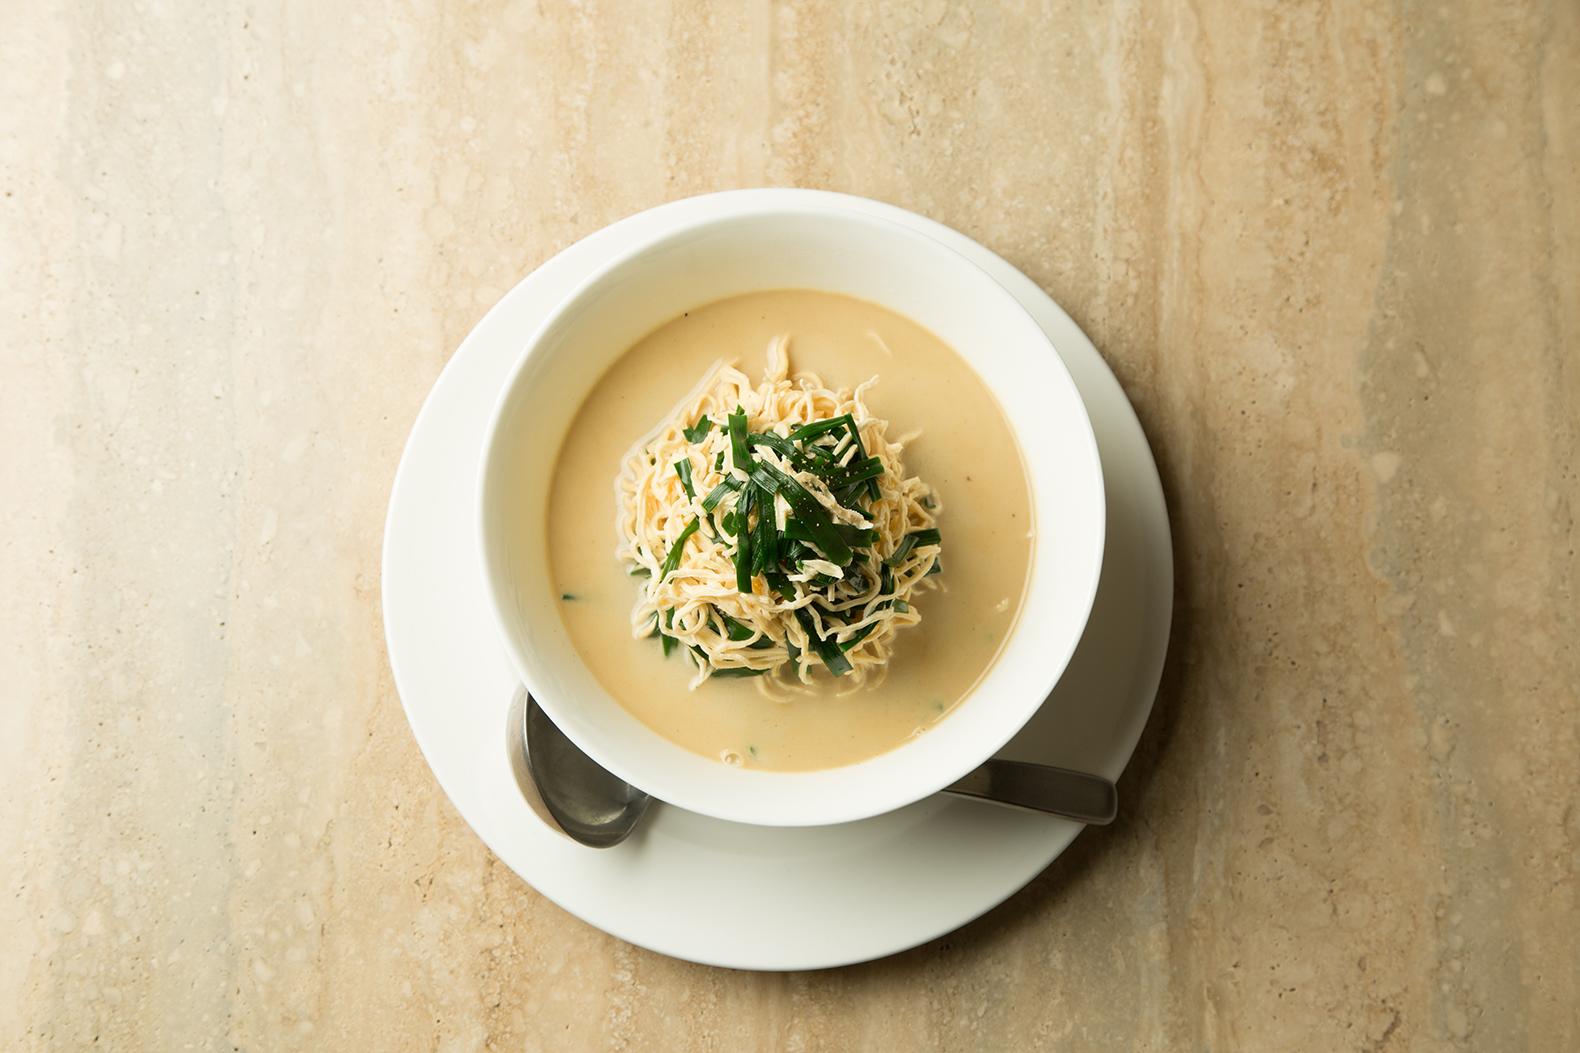 100%大豆の豆腐麺&鯛オンリーの白濁スープ!今宵の〆はギルティーフリー!